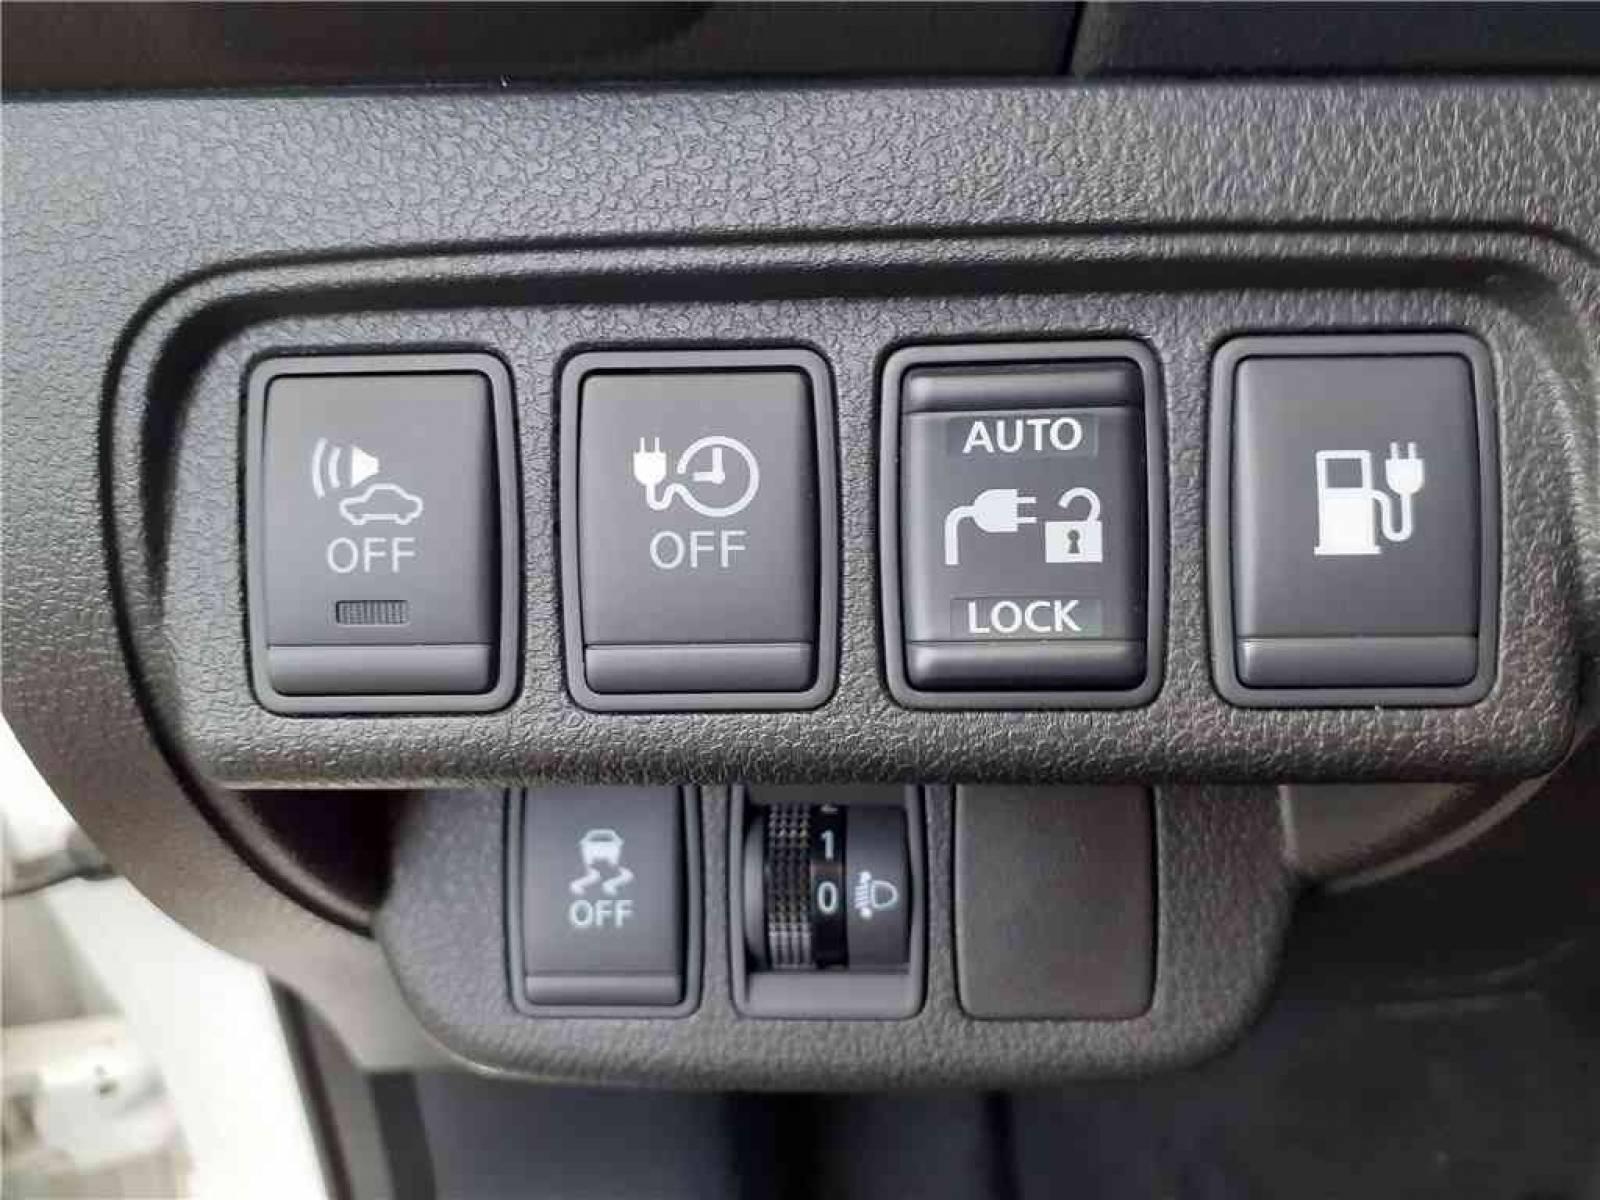 NISSAN Leaf Electrique 24kWh - véhicule d'occasion - Groupe Guillet - Opel Magicauto - Chalon-sur-Saône - 71380 - Saint-Marcel - 25